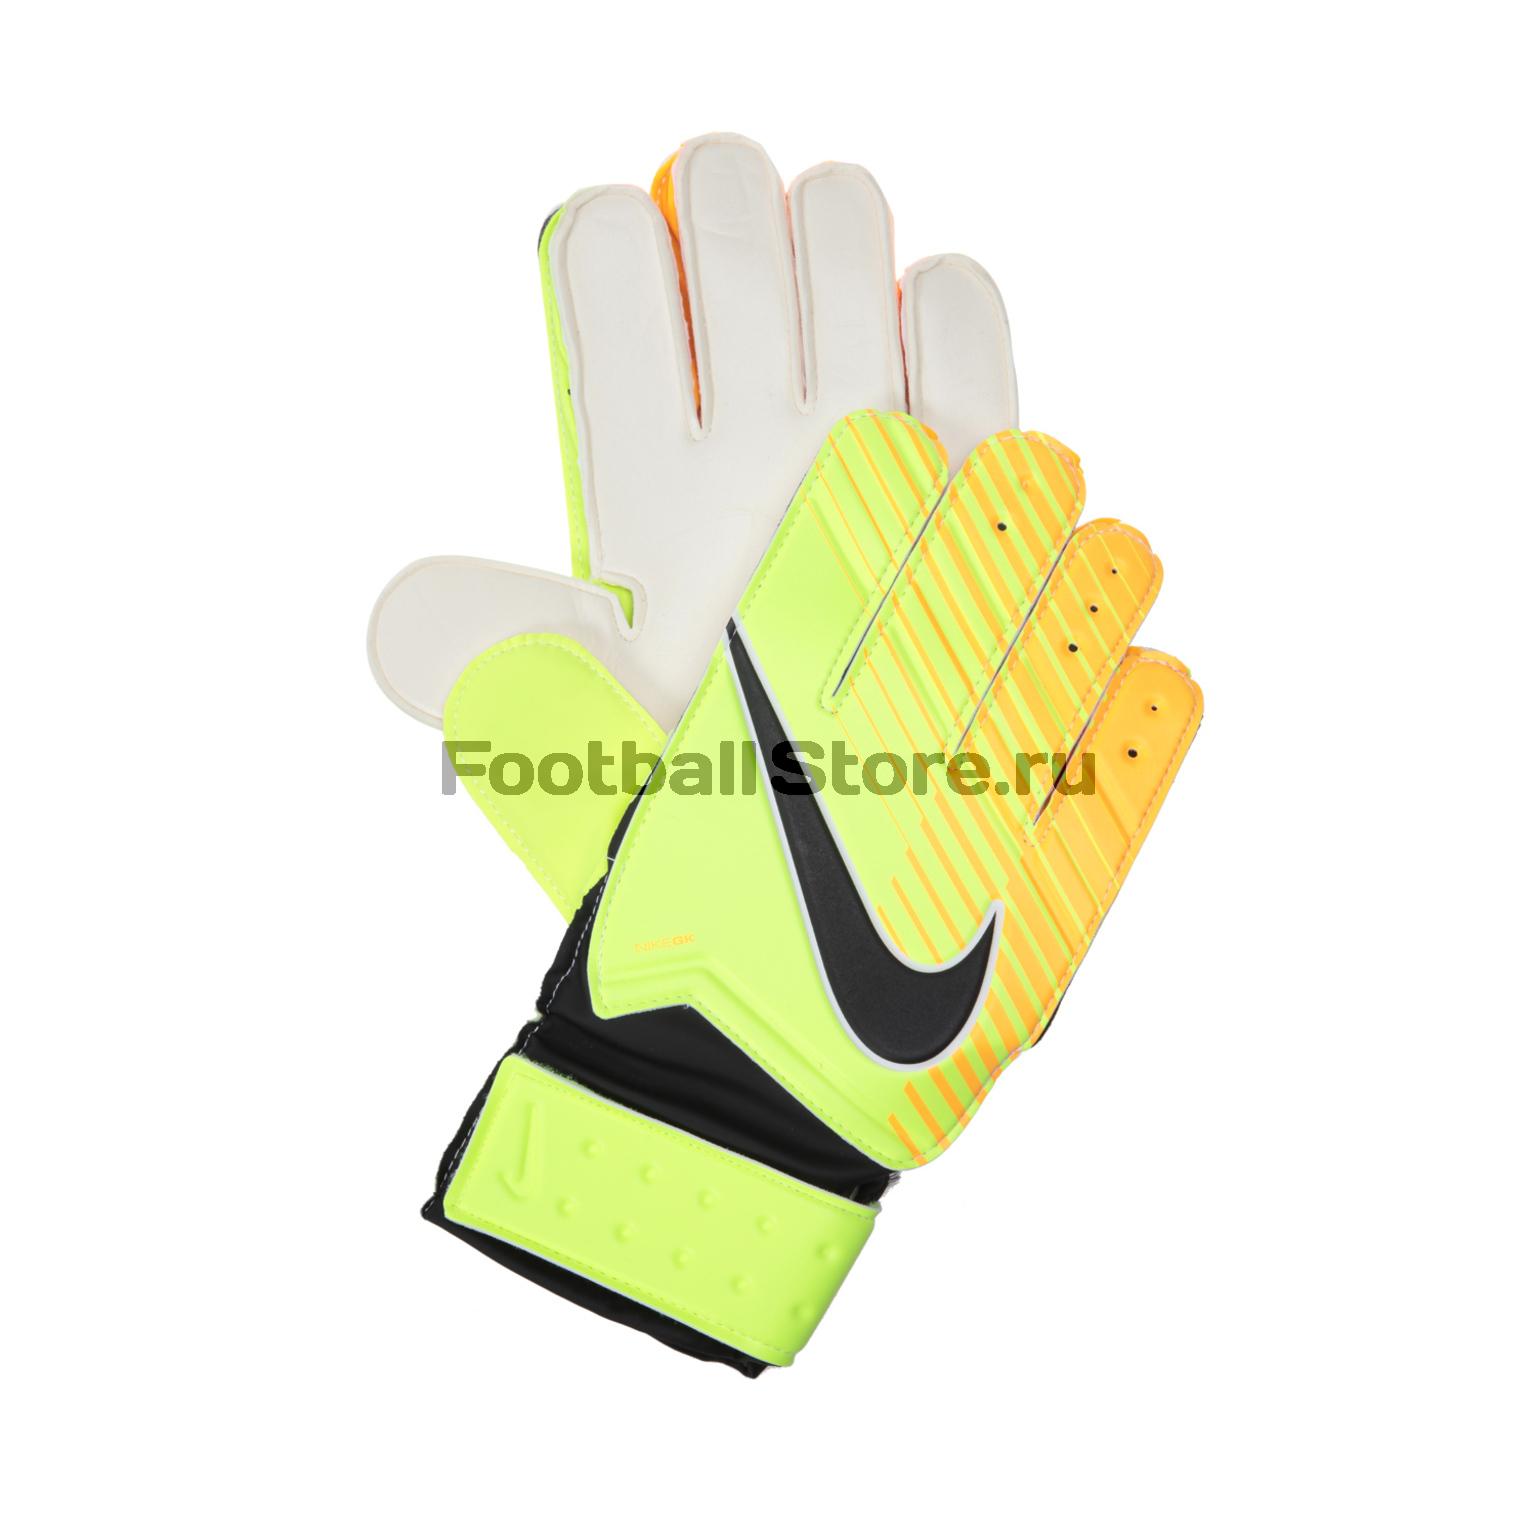 Вратарская экипировка Nike Перчатки вратарские подростковые Nike GK Match GS0343-715